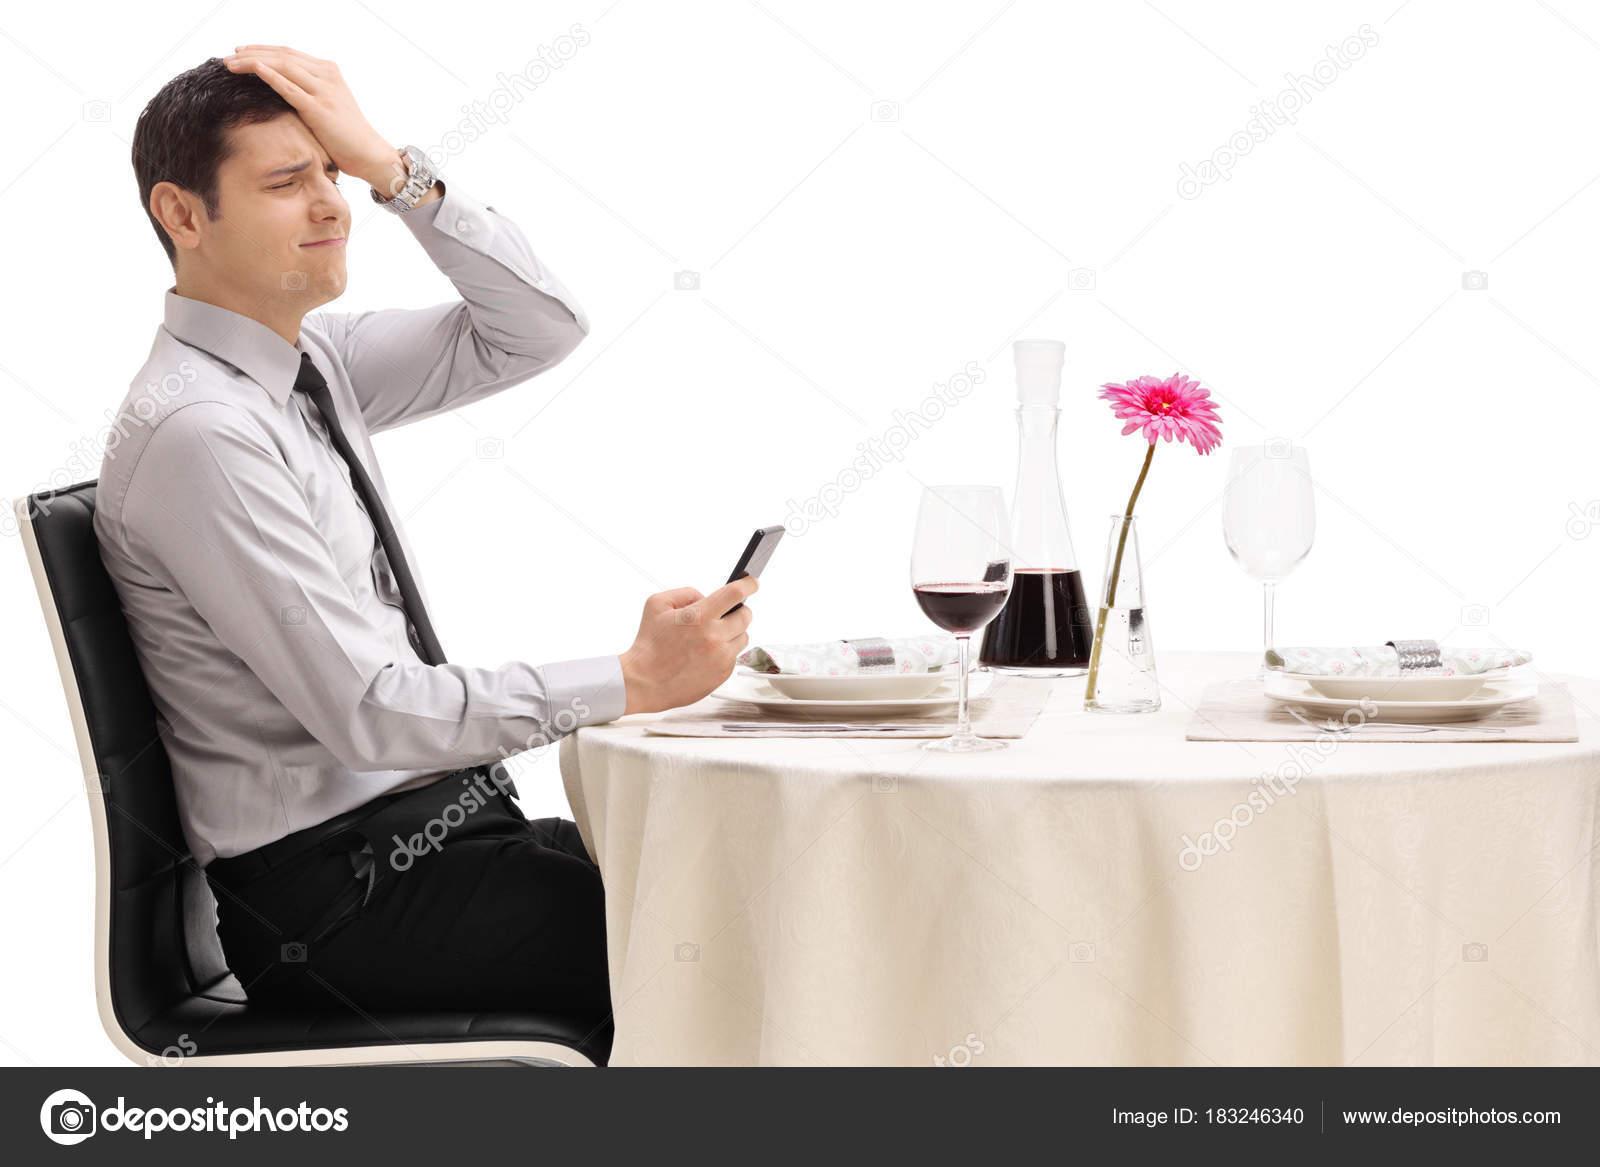 περιστασιακή ραντεβού χρονολόγηση